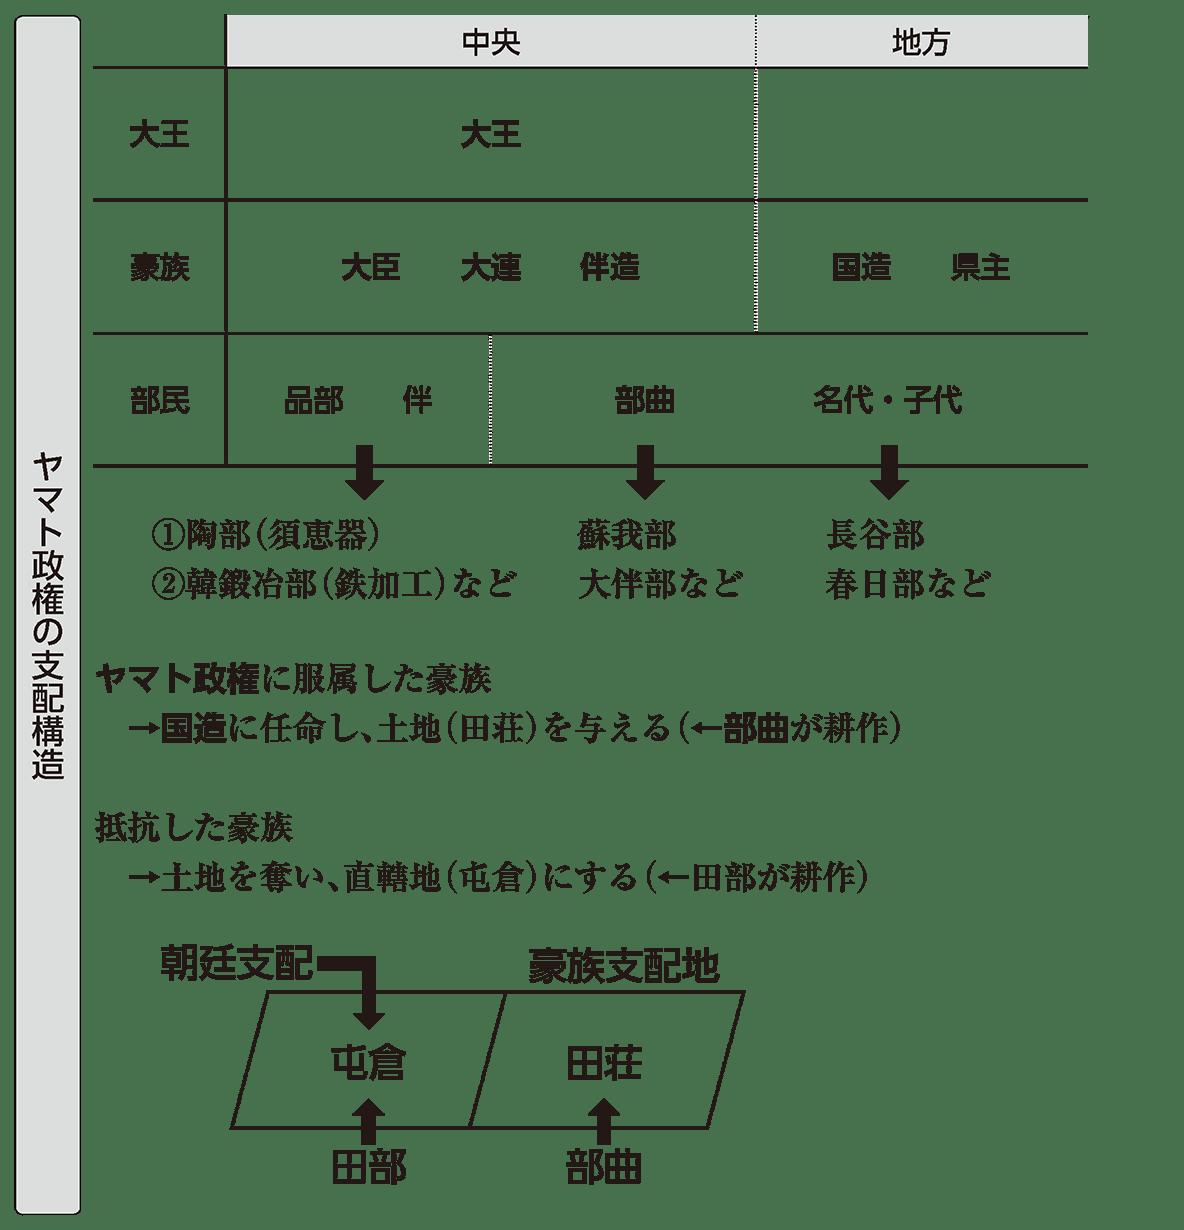 ヤマト政権1 ポイント1 ヤマト政権の支配構造